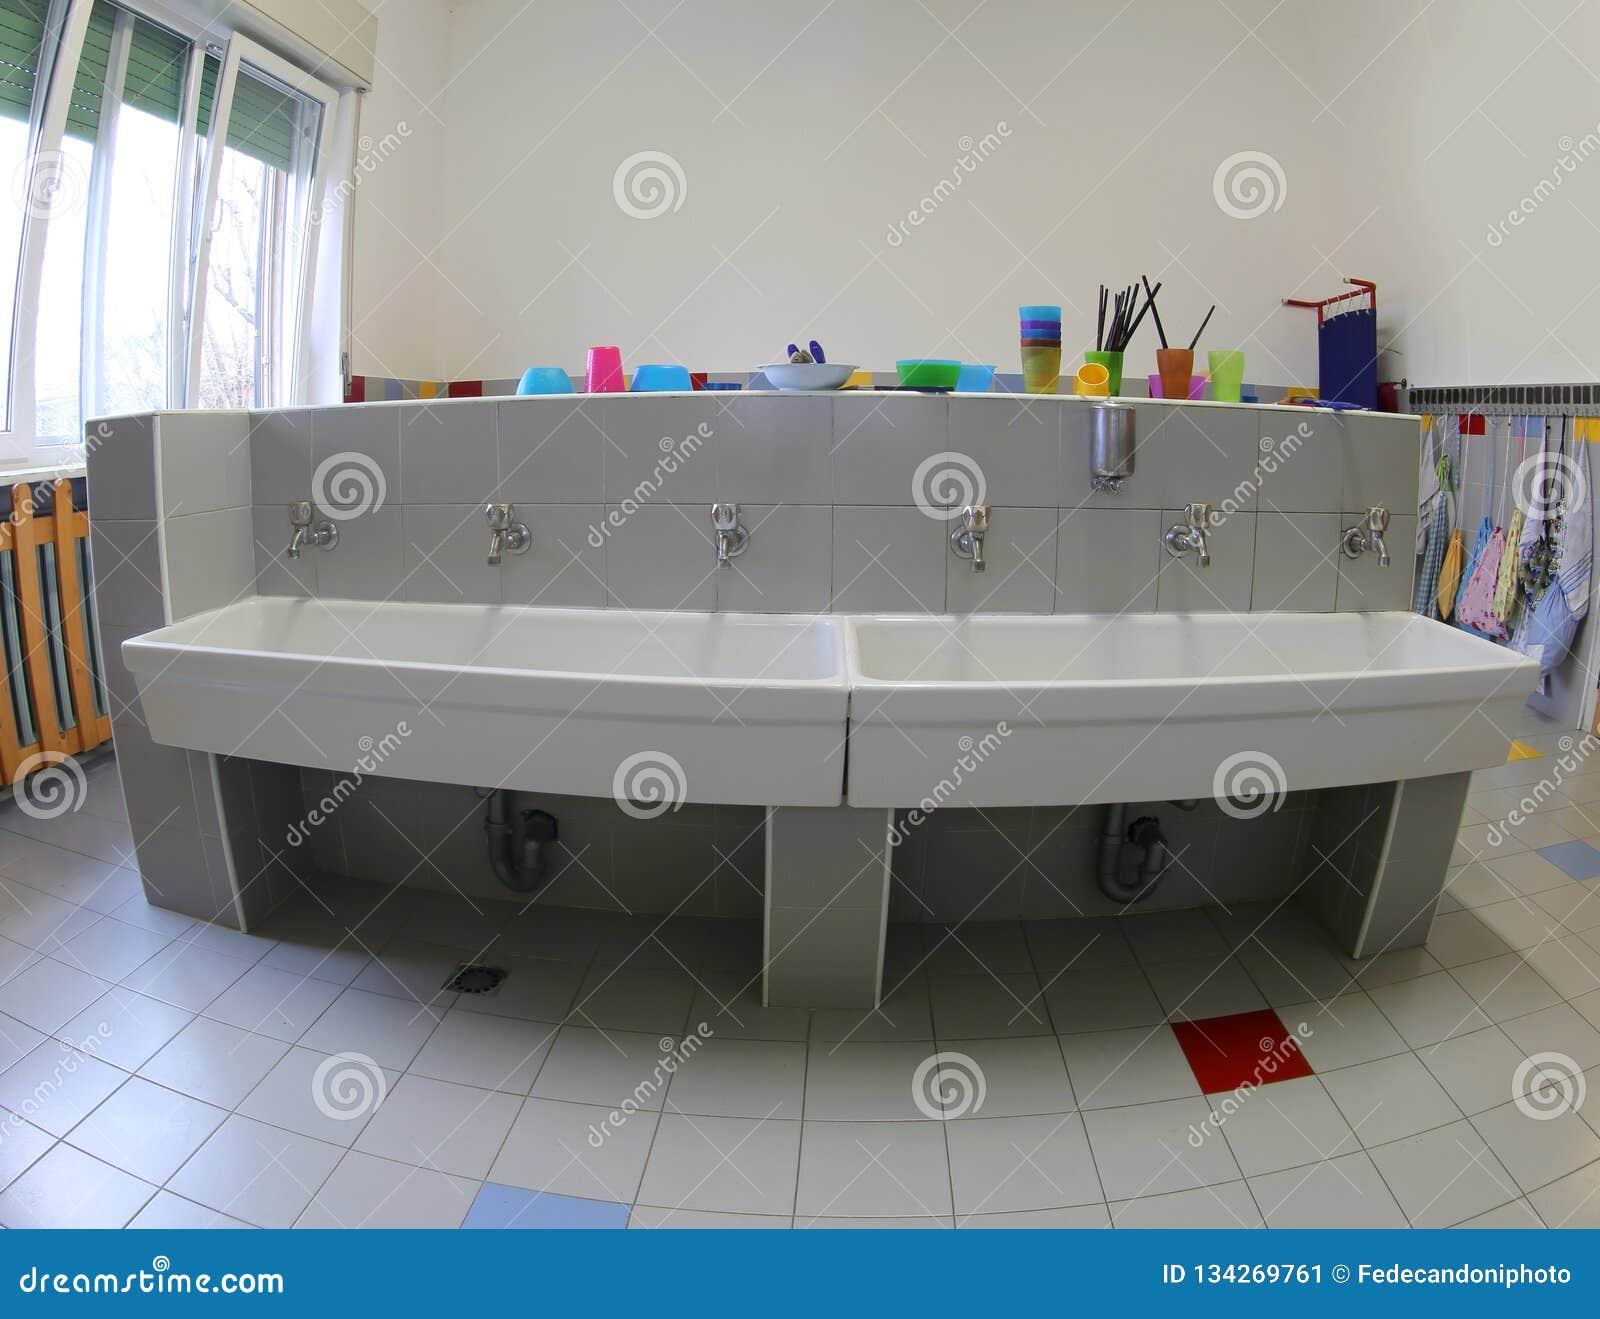 Cuarto De Baño Con Los Fregaderos Para Limpiar Dentro Del Cuarto De ...